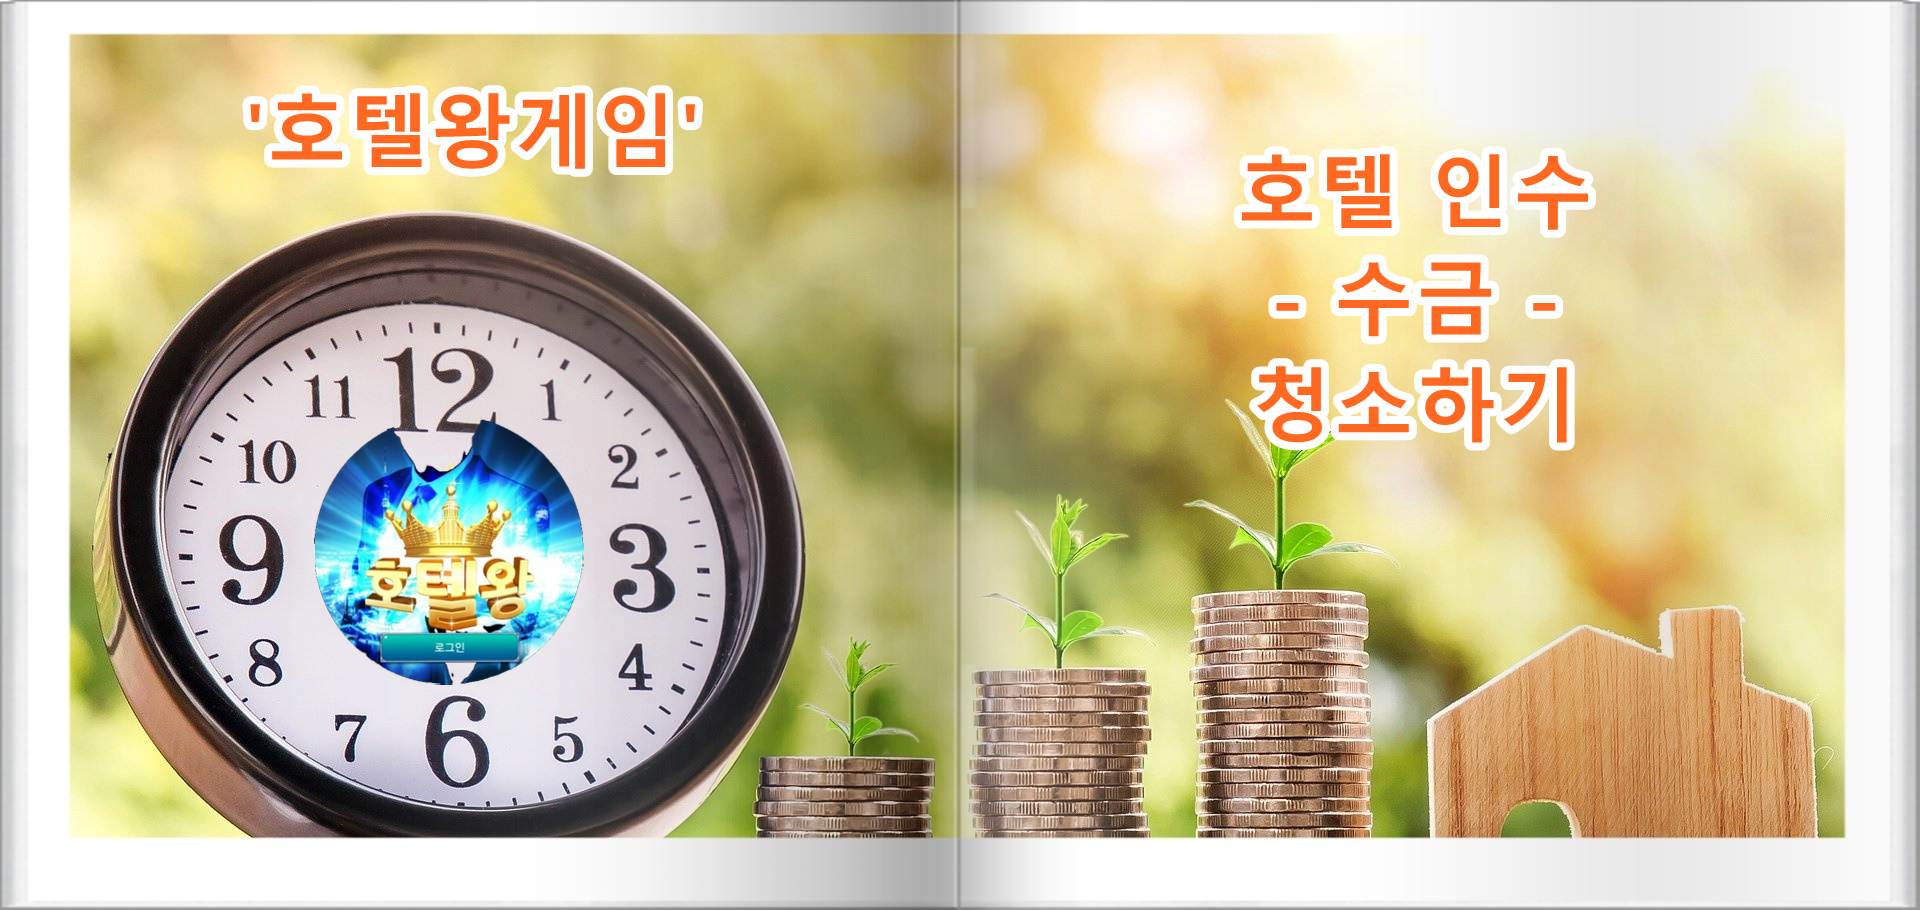 콕플레이(KOK-PLAY) 메뉴얼 4탄 – 호텔왕게임插图26